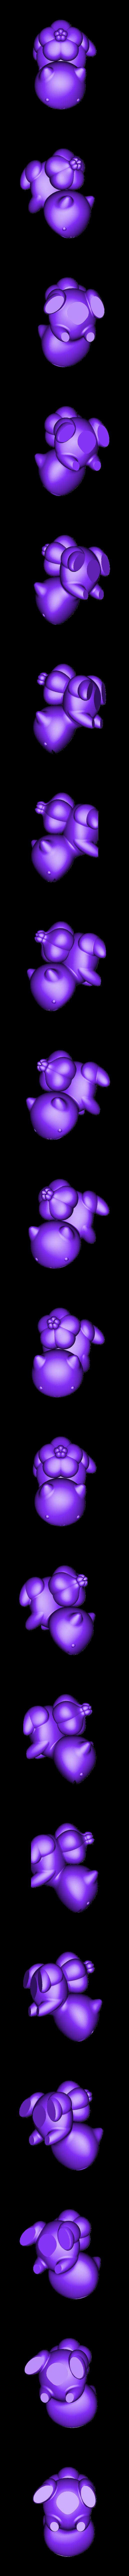 Bulbasaur_Seudo.stl Download free STL file Bulbasaur Seudo • 3D printable template, seudodesign